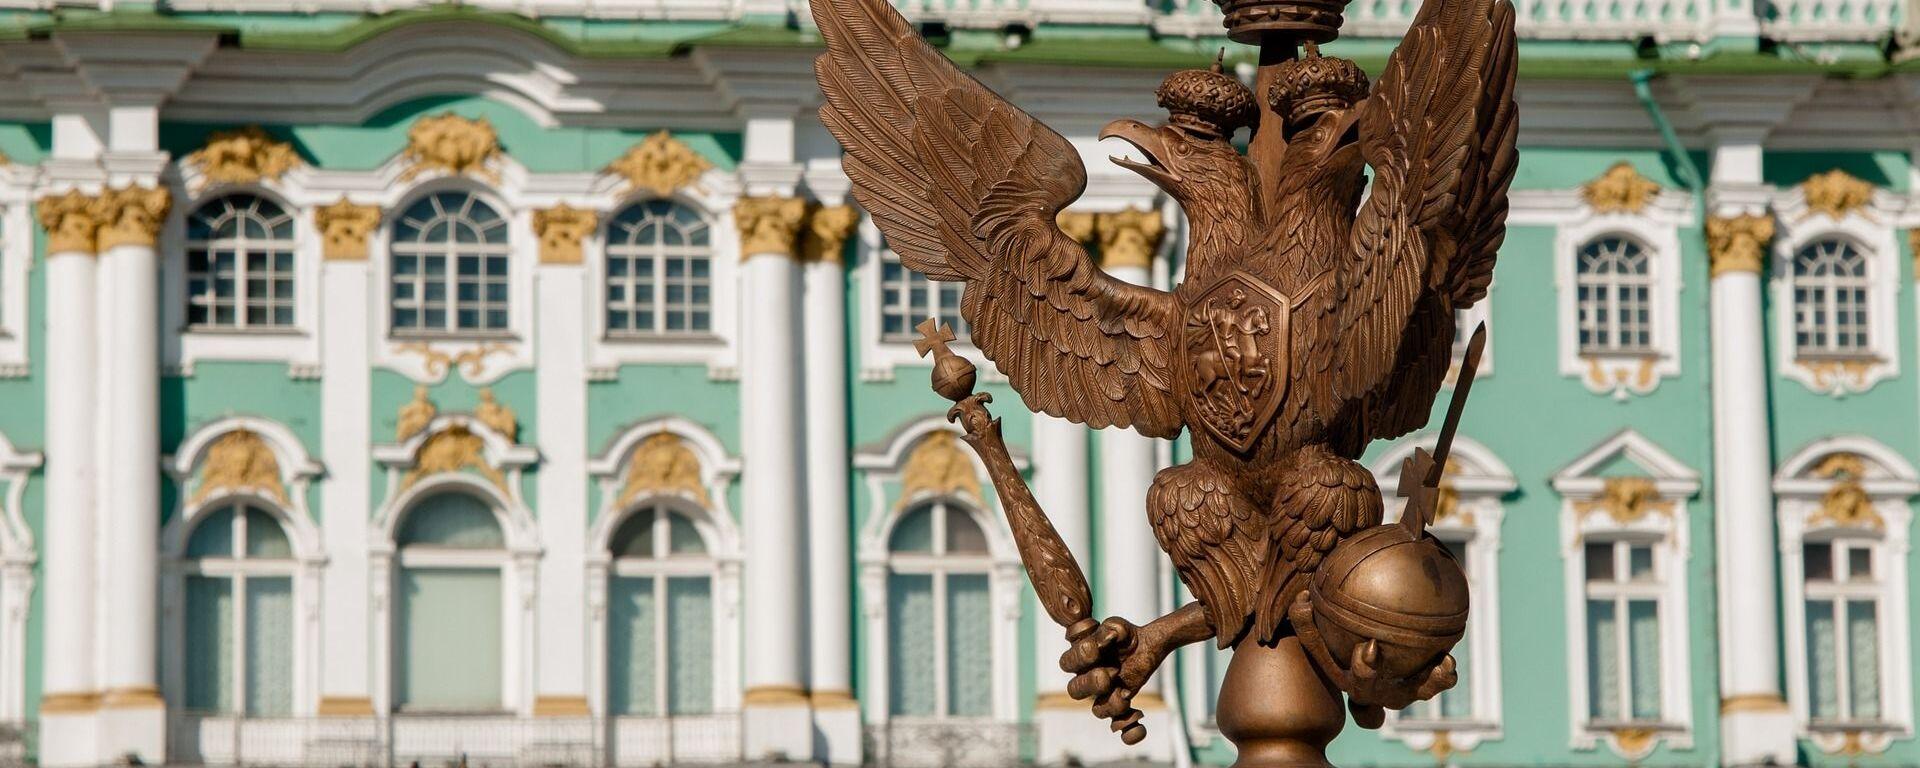 El Museo Hermitage en San Petersburgo - Sputnik Mundo, 1920, 07.12.2019